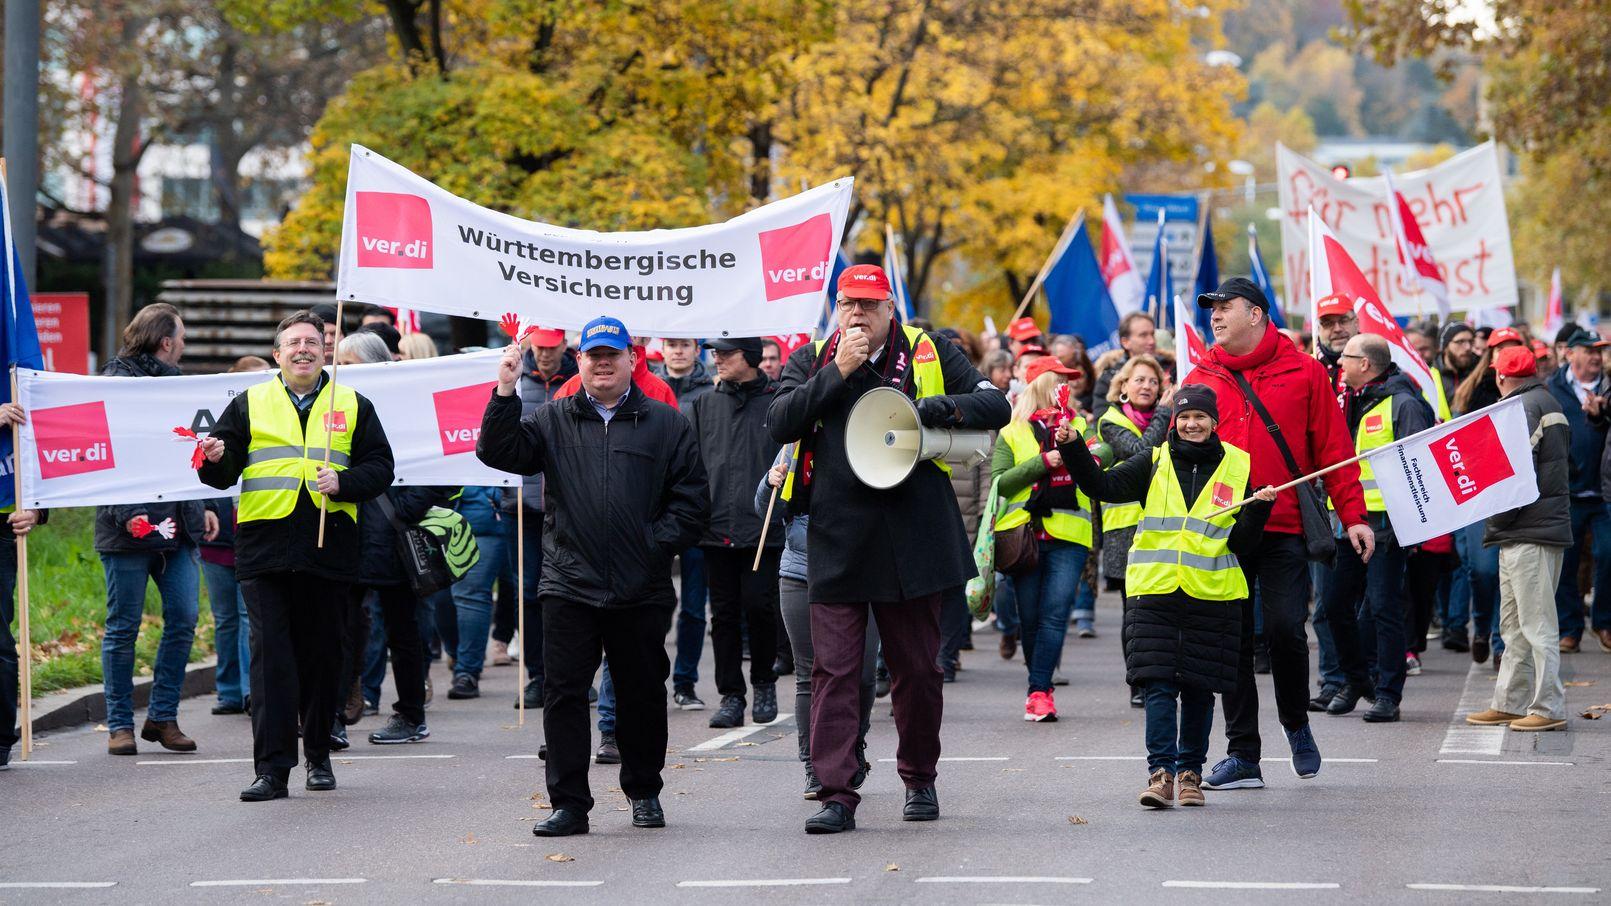 Nach Warnstreiks haben sich Verdi und der Arbeitgeberverband auf einen neuen Tarifabschluss geeinigt.